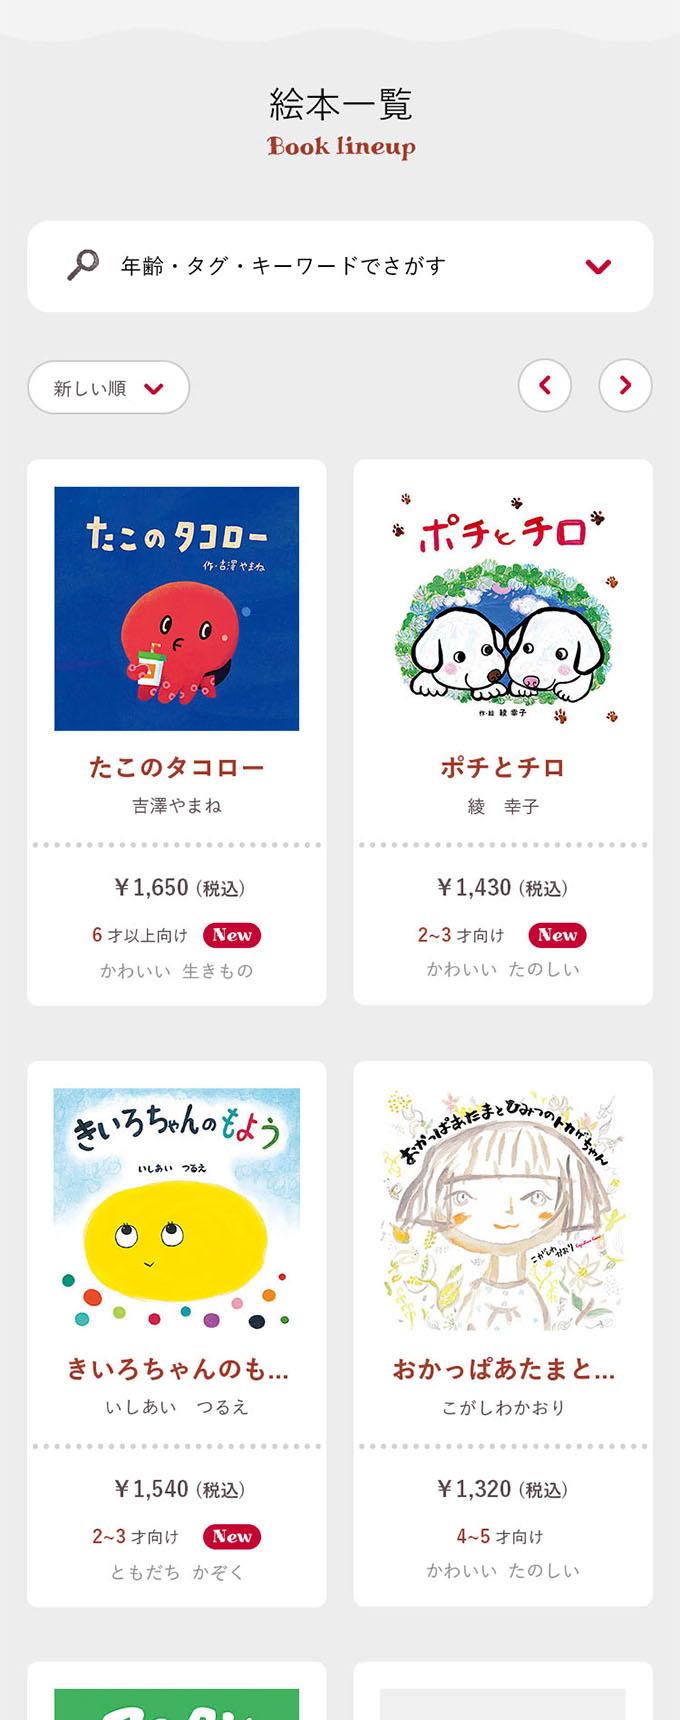 オリジナル絵本通販サイトYOMO PC TOP デザイン